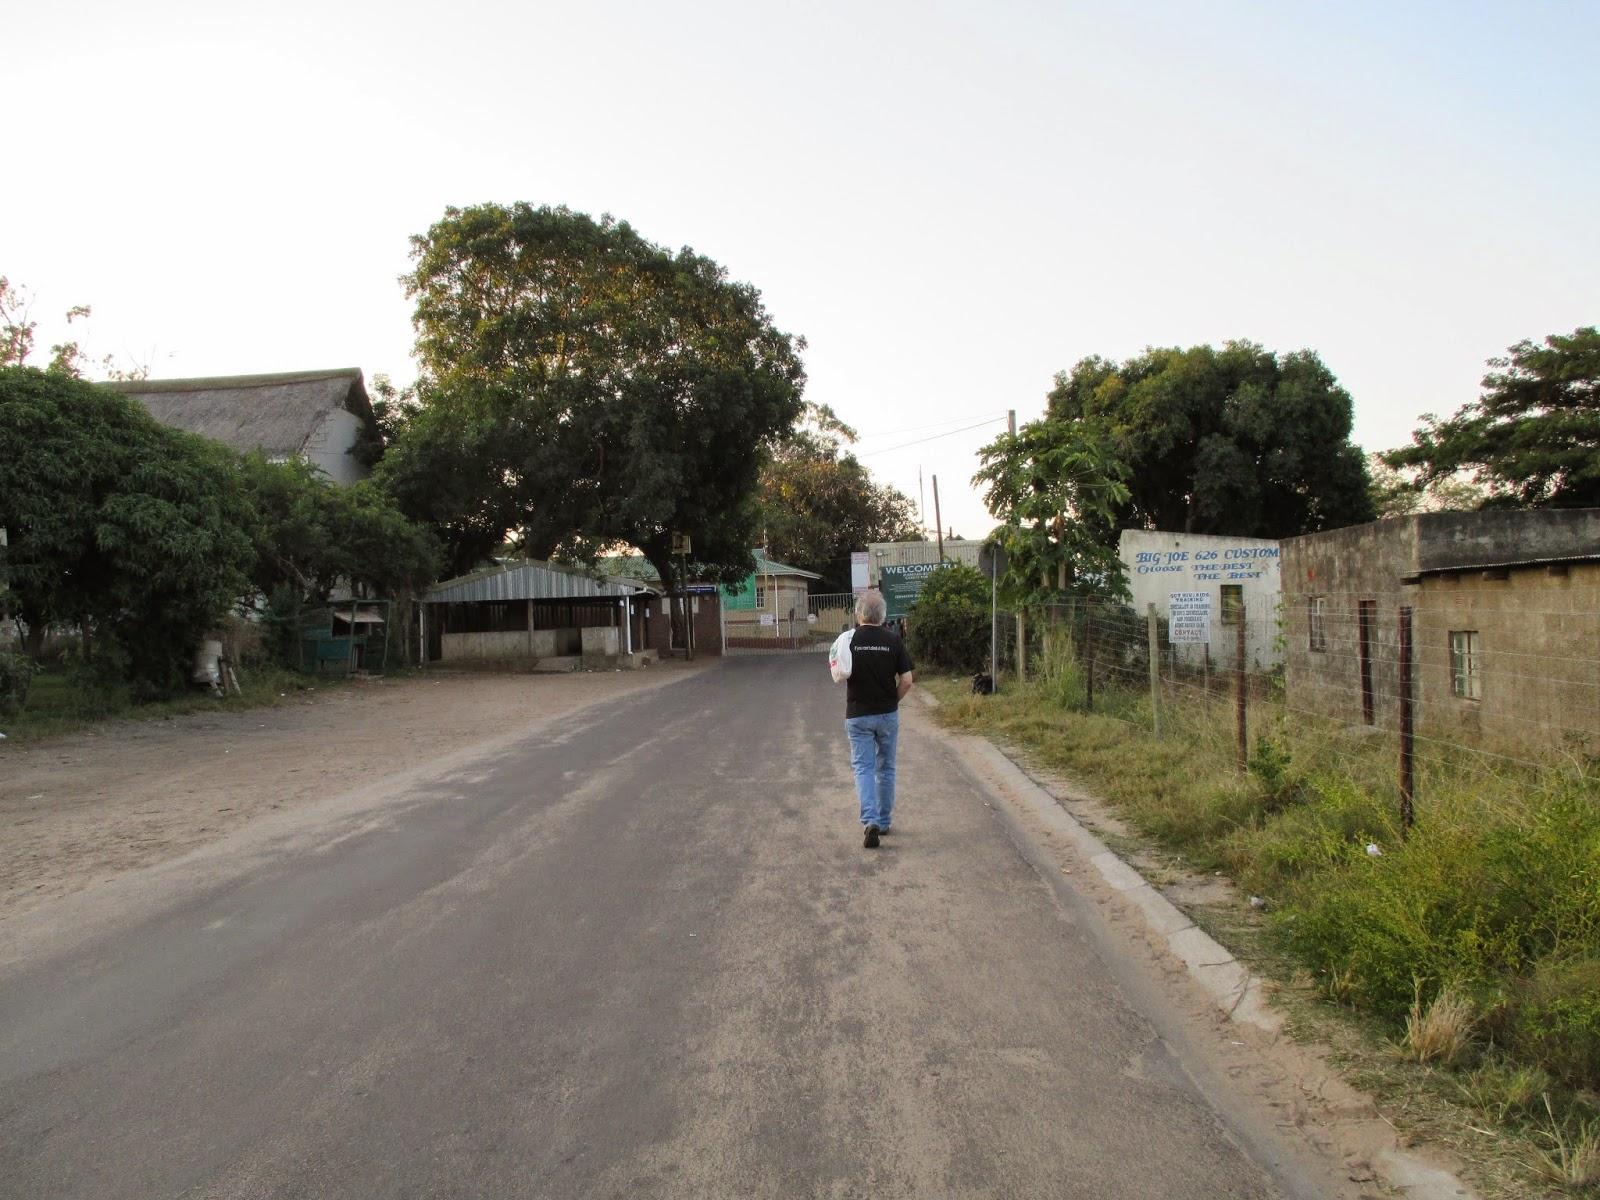 Manguzi South Africa  city images : Sawubona Manguzi!: 19 bericht: Hello Belgium, hier nog wat nieuws uit ...